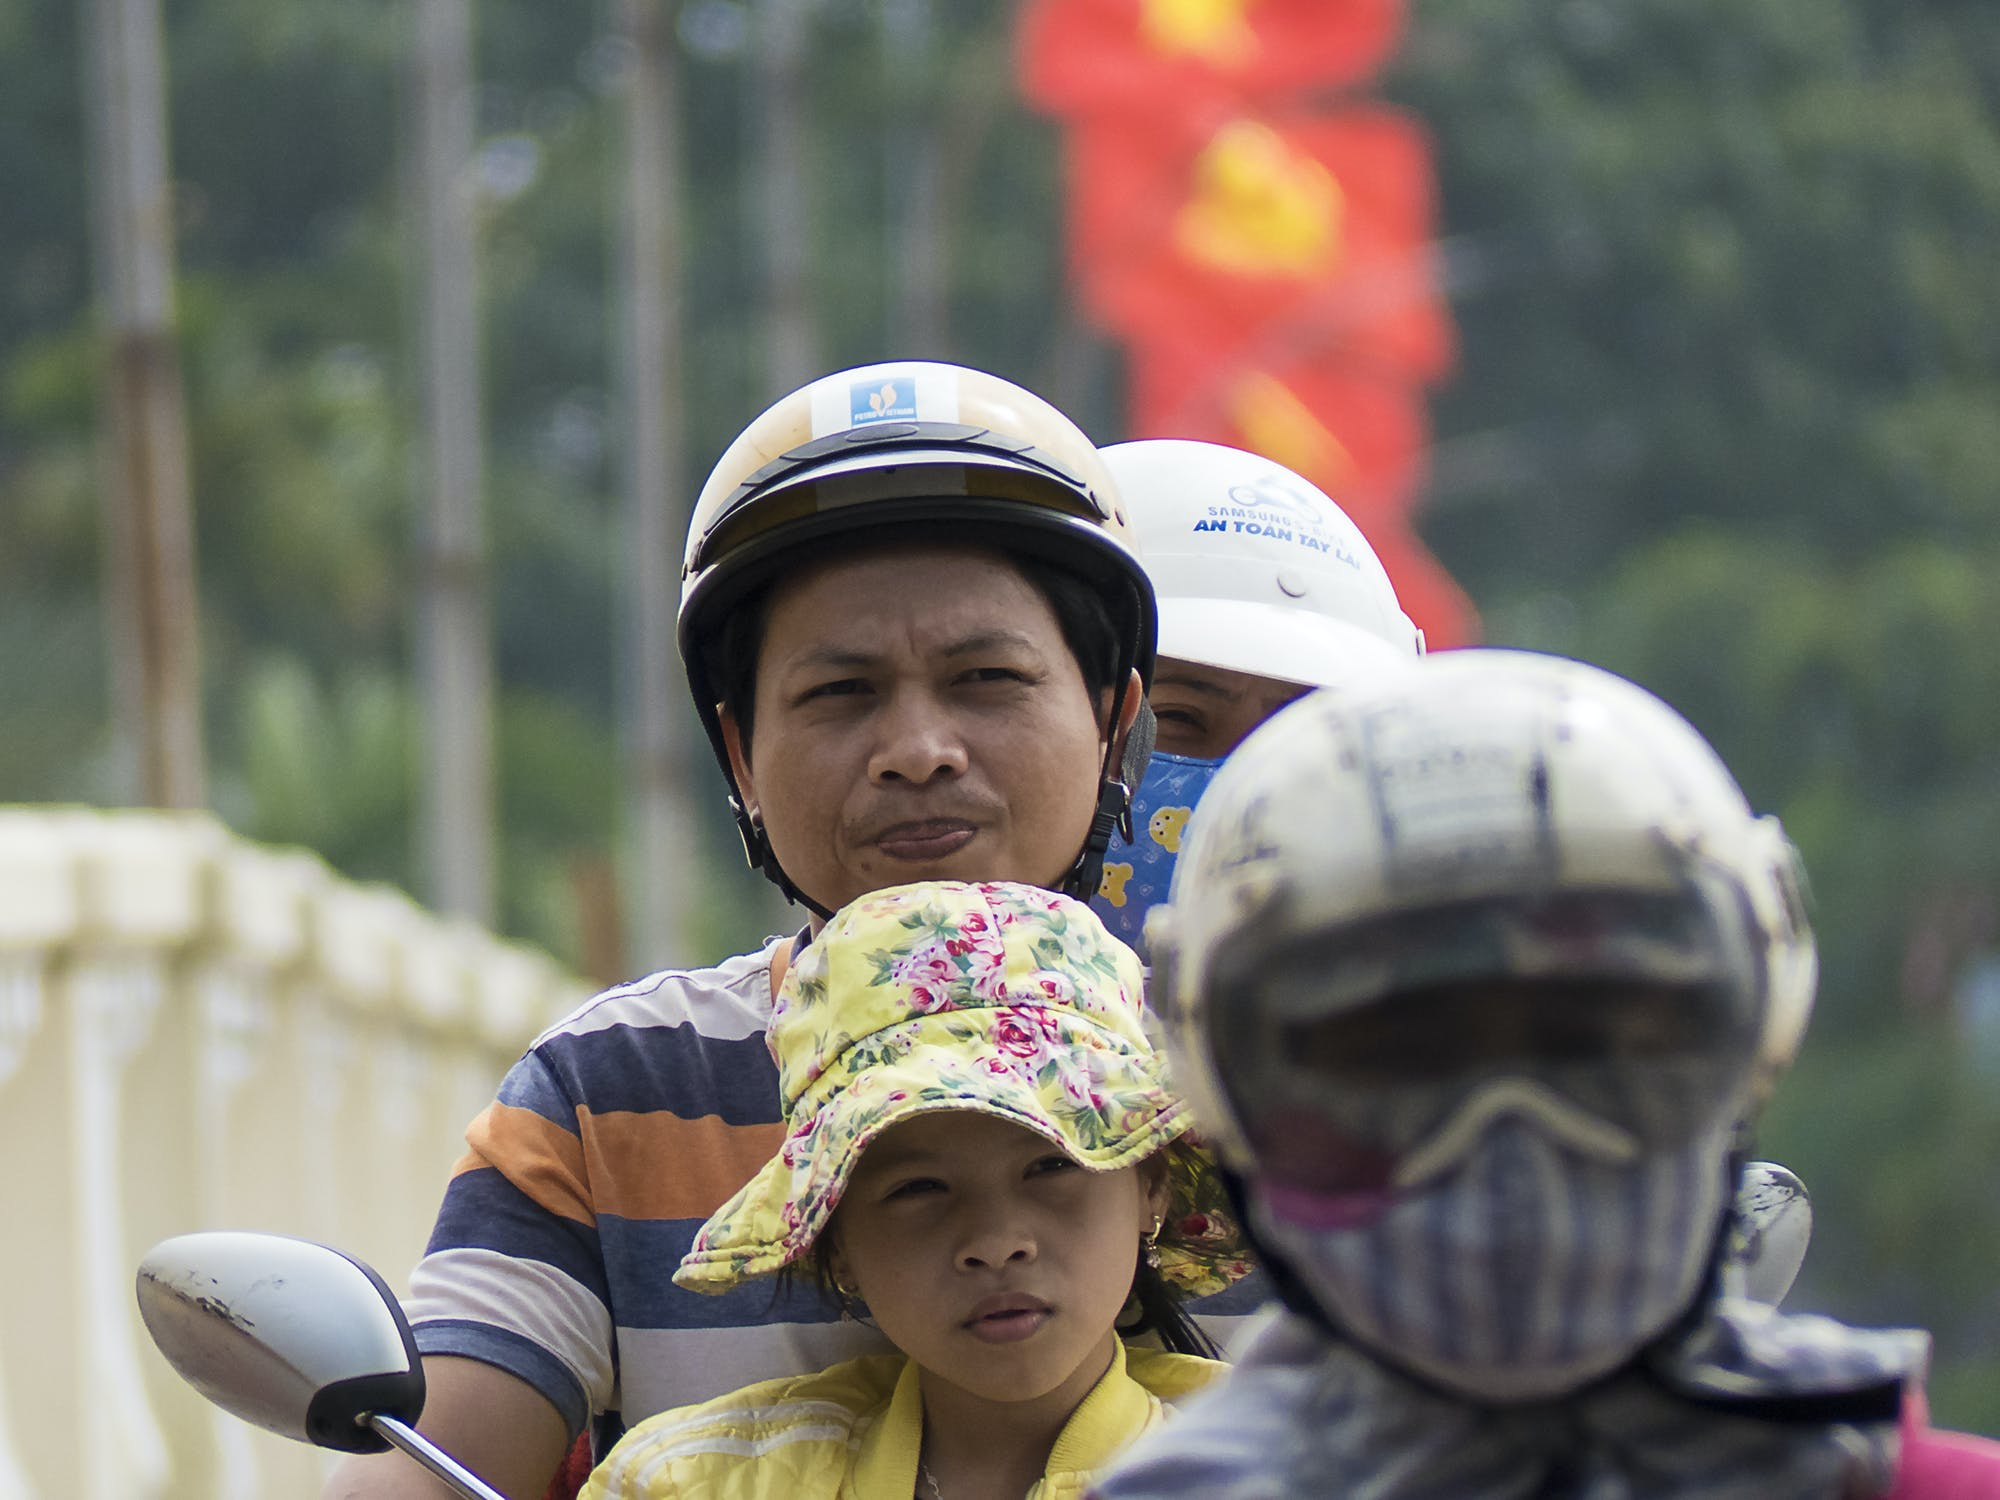 Kostenloses Stock Foto zu asien: menschen, fahnen, roller, vietnamesisch